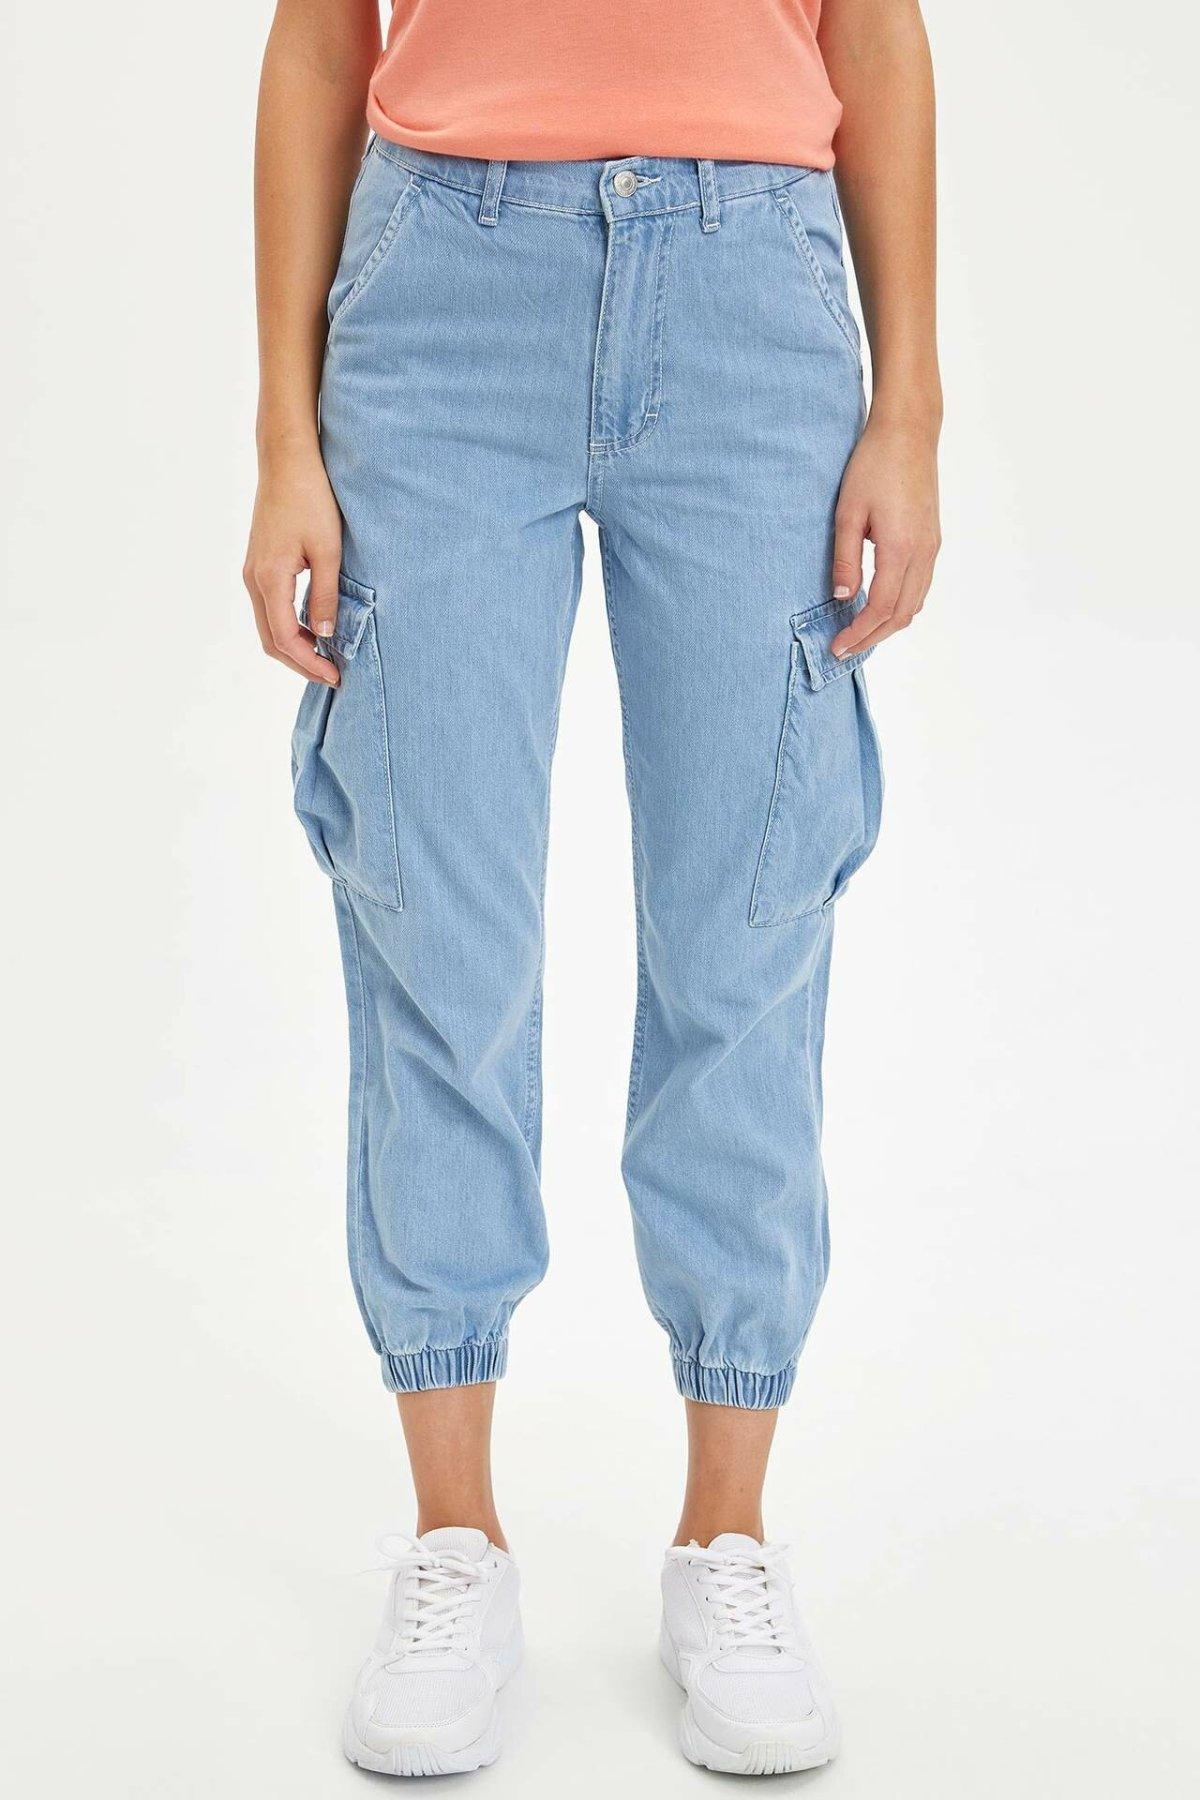 DeFacto Woman Summer Blue Denim Jeans Women Casual Loose Ninth Denim Pants Women Pocket Decors Denim Trousers-L3662AZ19SM